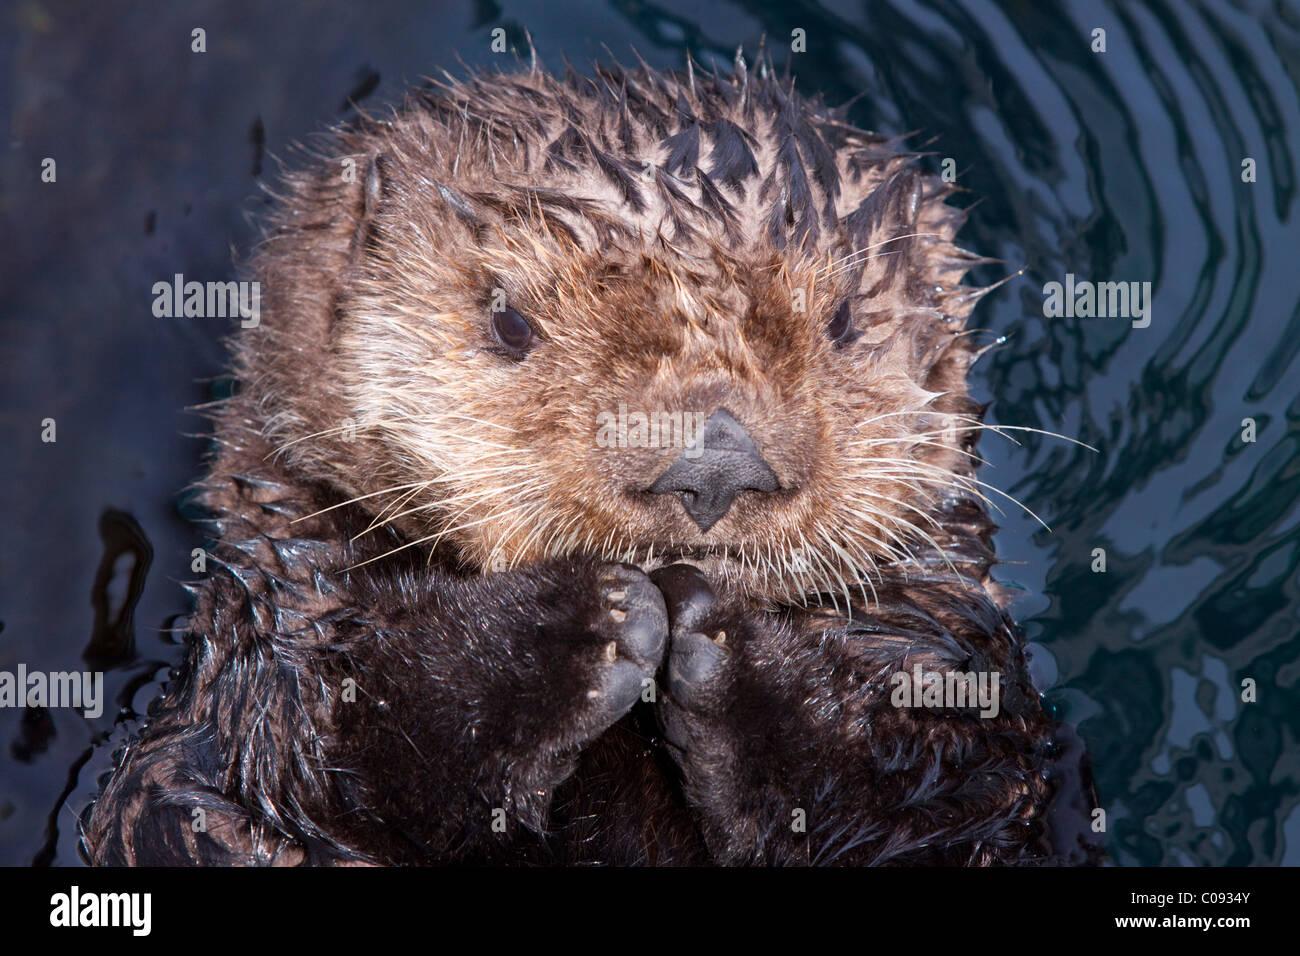 Close up view of a sea otter at the Alaska Sealife Center in Seward, Kenai Peninsula, Southcentrral Alaska, Summer, - Stock Image